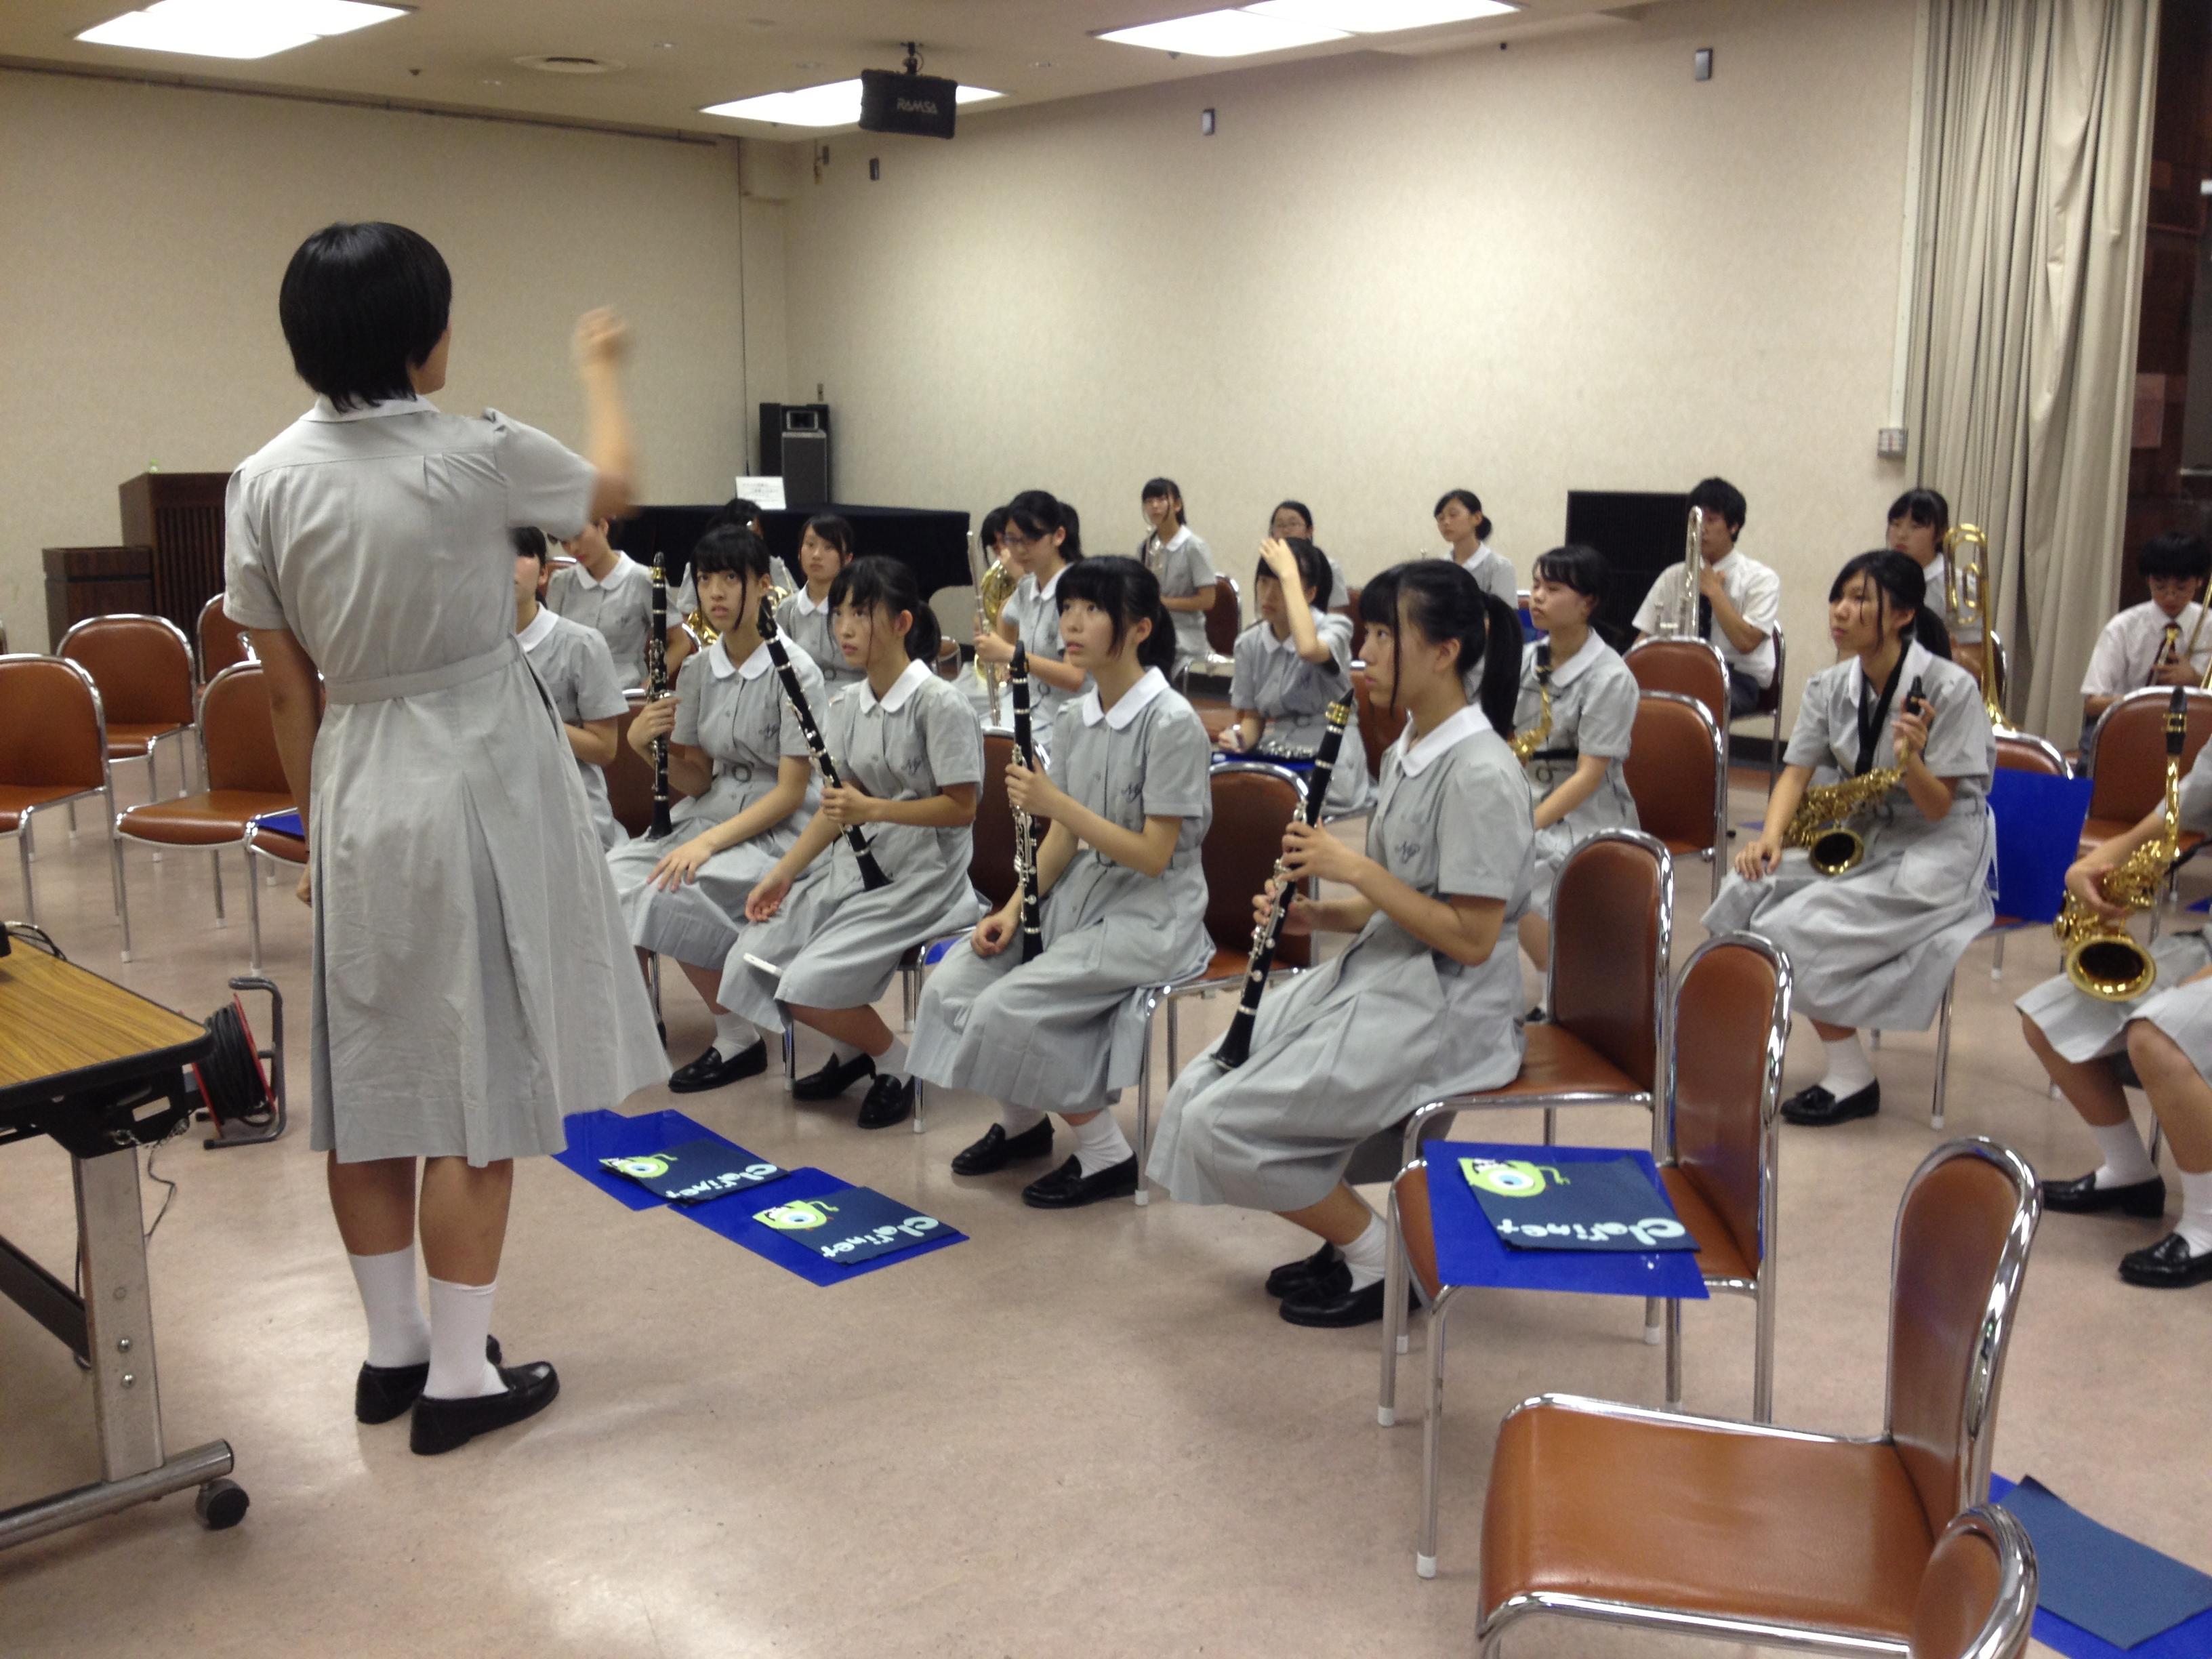 suisougakugyouji 198